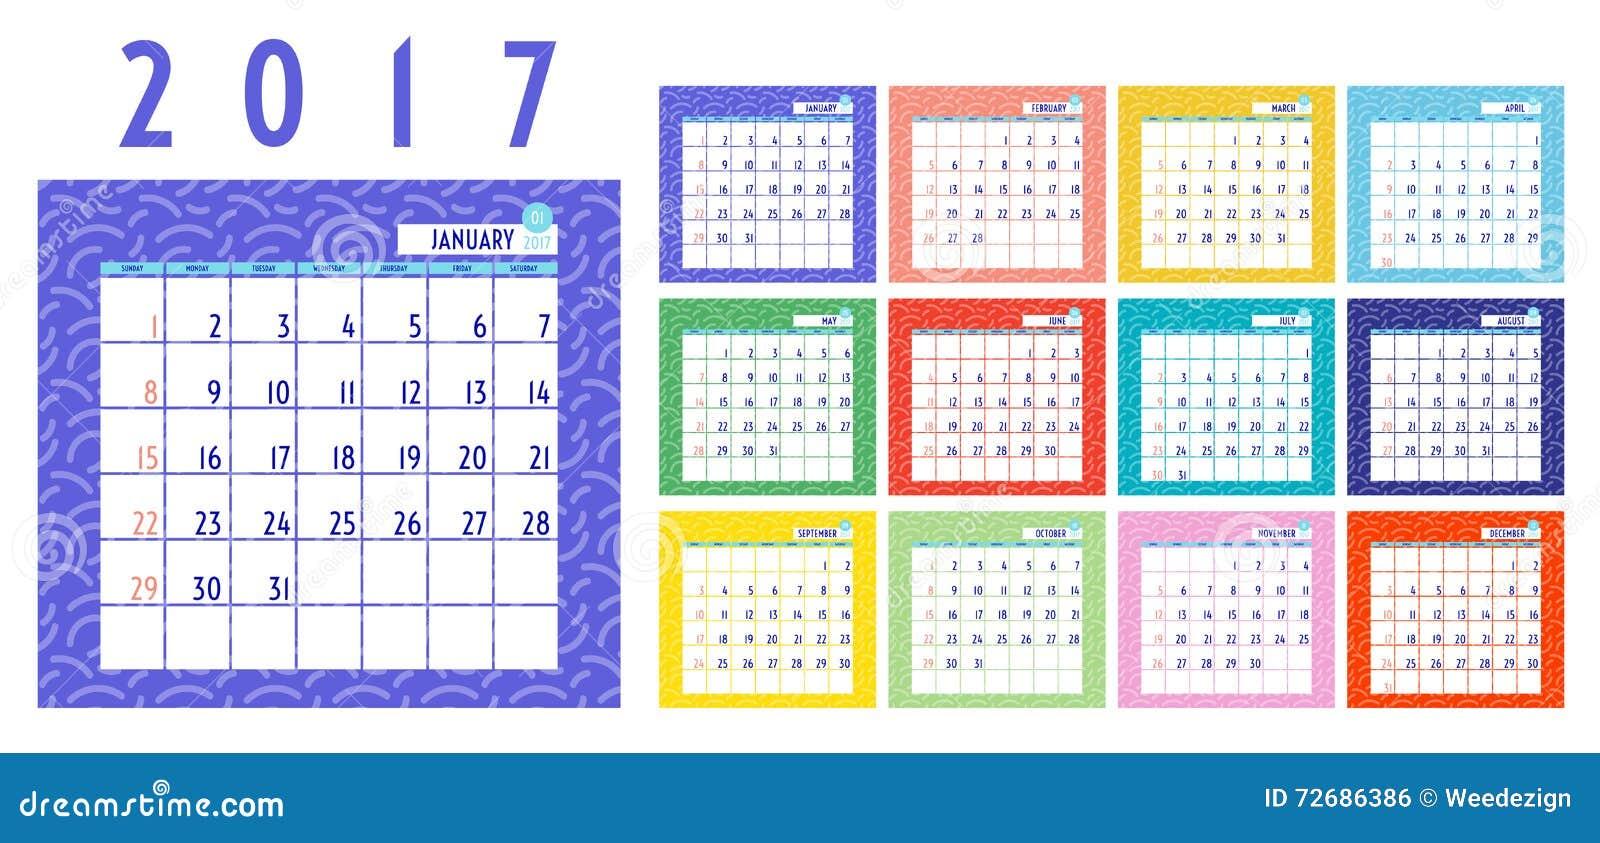 Vecteur De Calendrier 2017 Ans Calendrier De 12 Mois Avec Colore Au